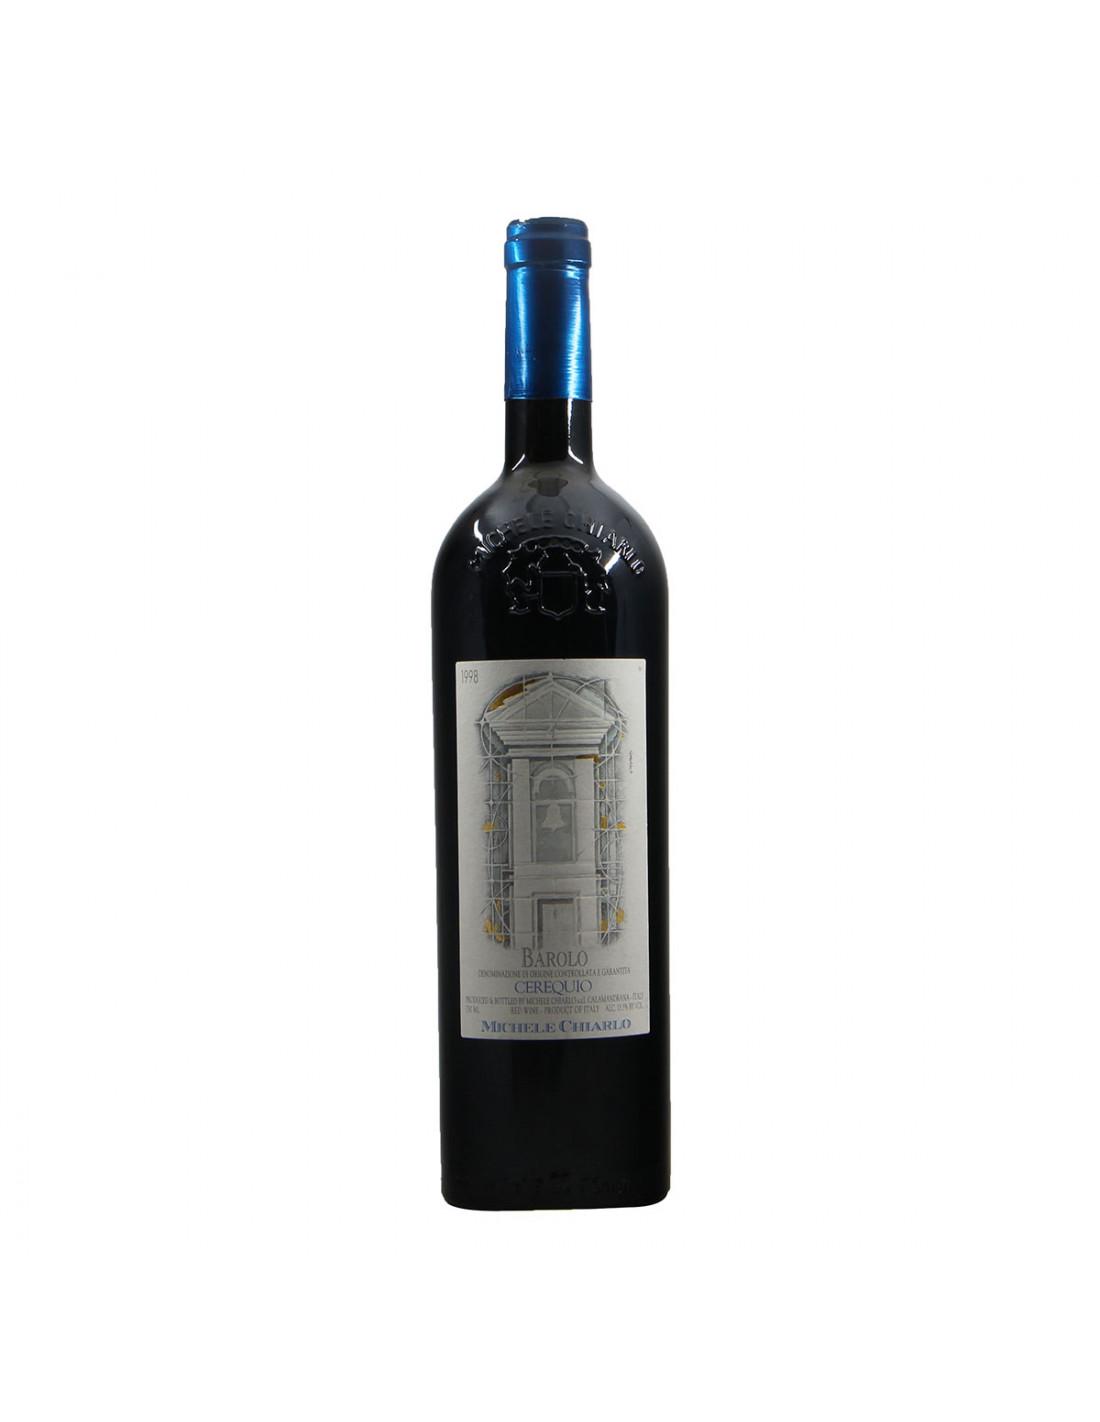 Michele Chiarlo Barolo Cerequio 1998 Grandi Bottiglie